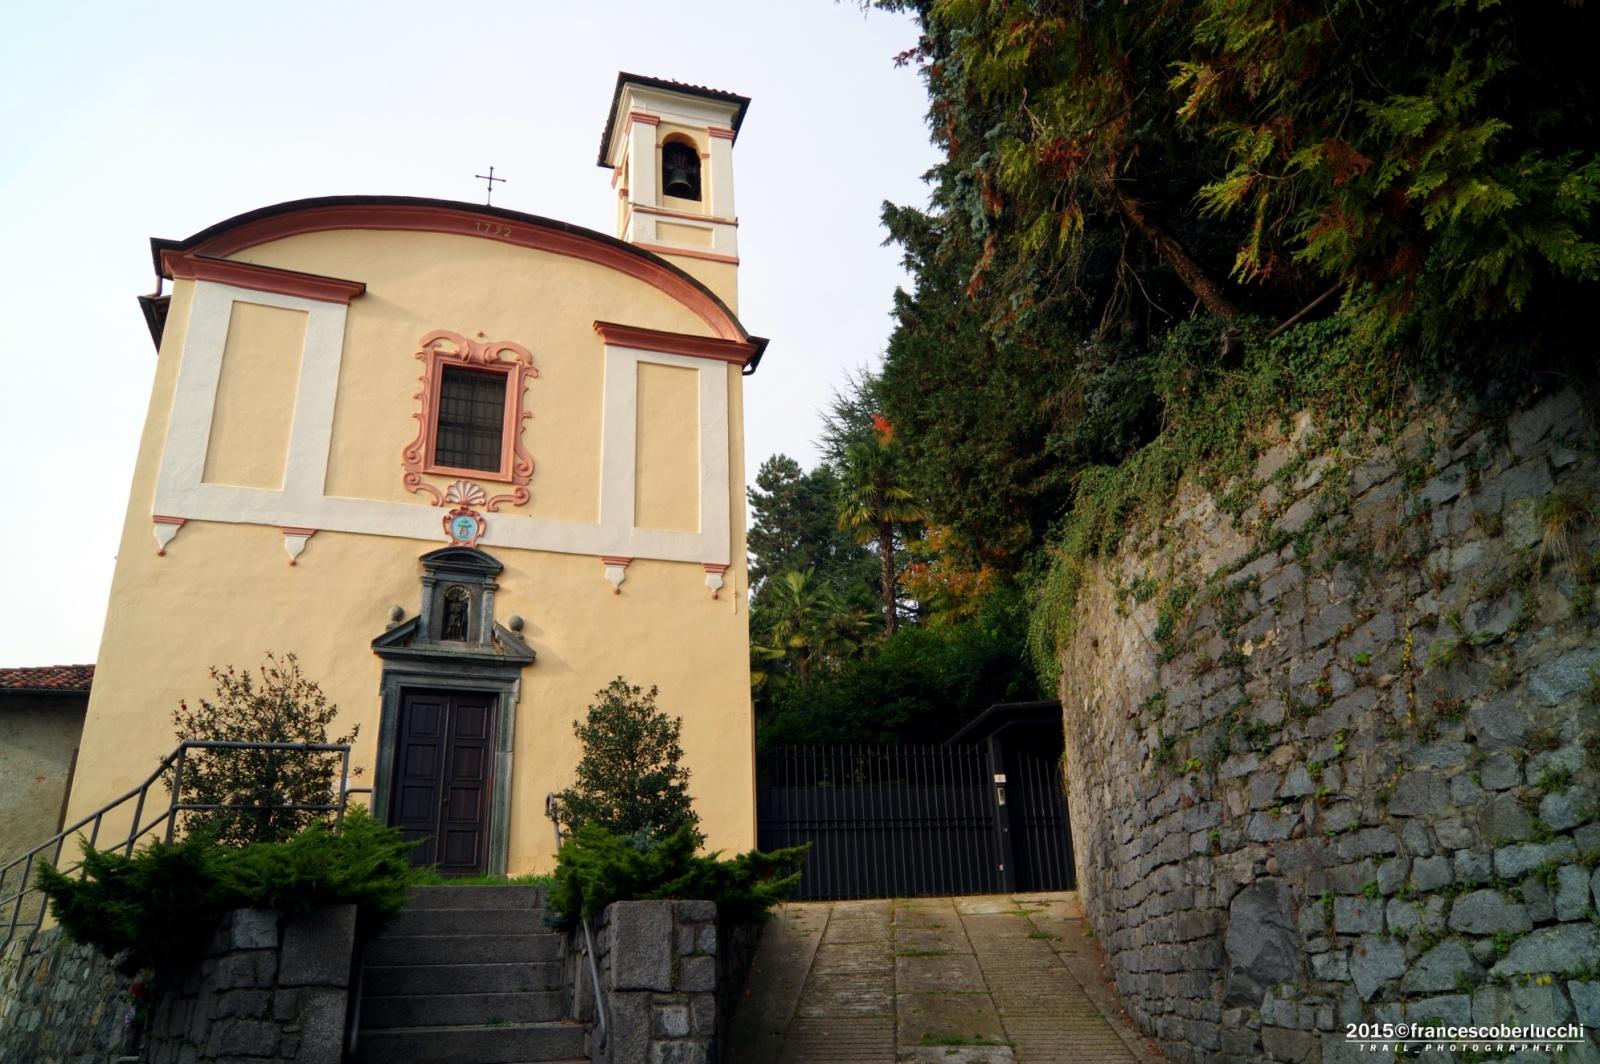 ANDORNO MICCA M. 544 (Biella)